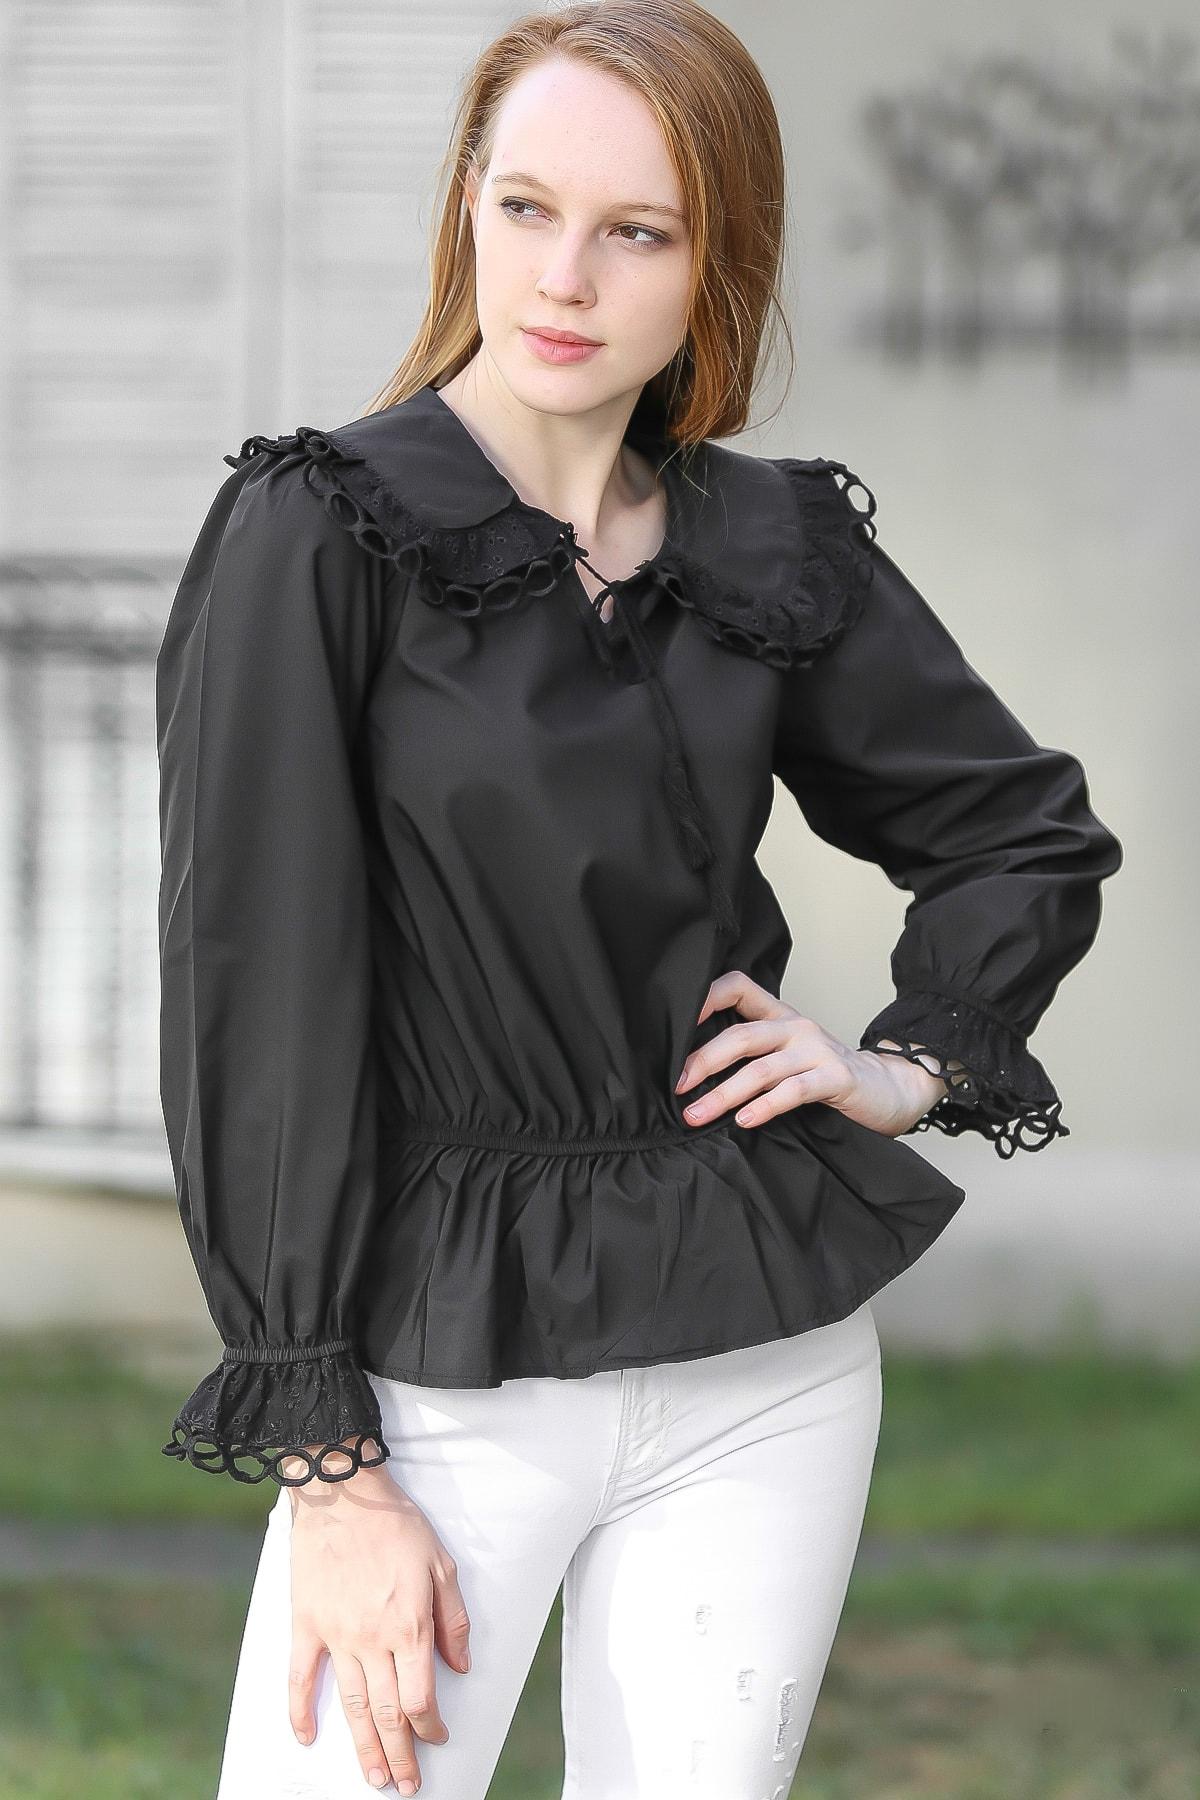 Chiccy Kadın Siyah Retro dev yaka dantel fisto detaylı bel kolları büzgülü volanlı bluz M10010200BL96067